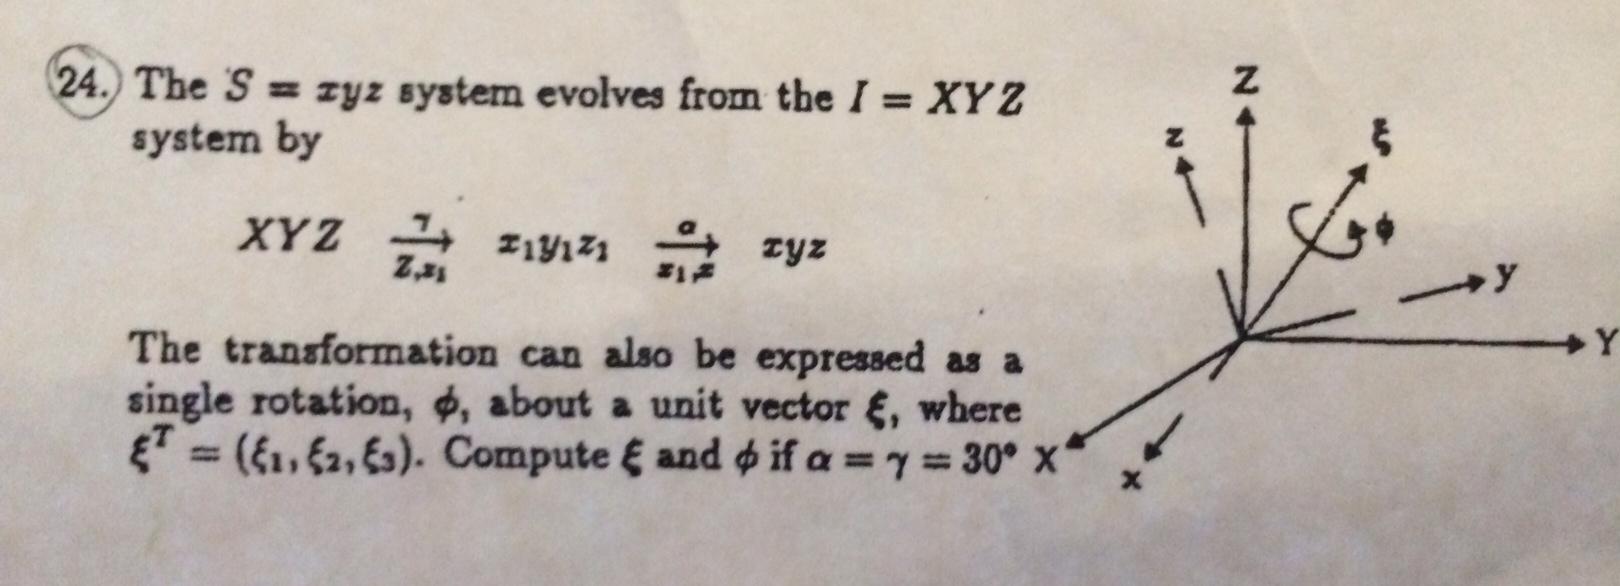 Xyz homework help